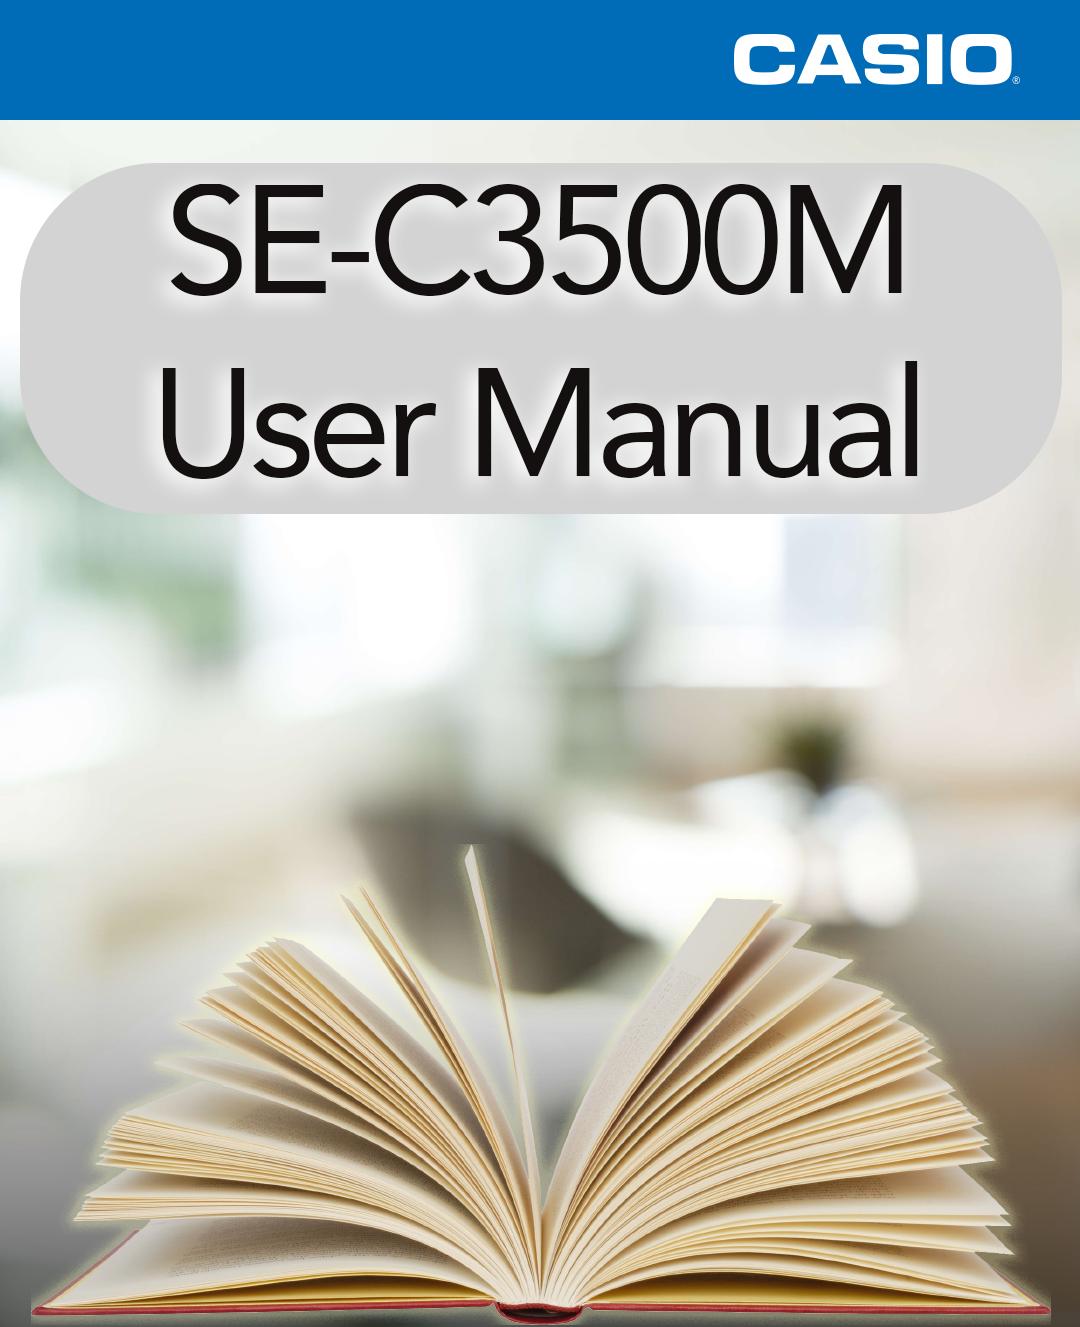 Casio SE-C3500M User Manual